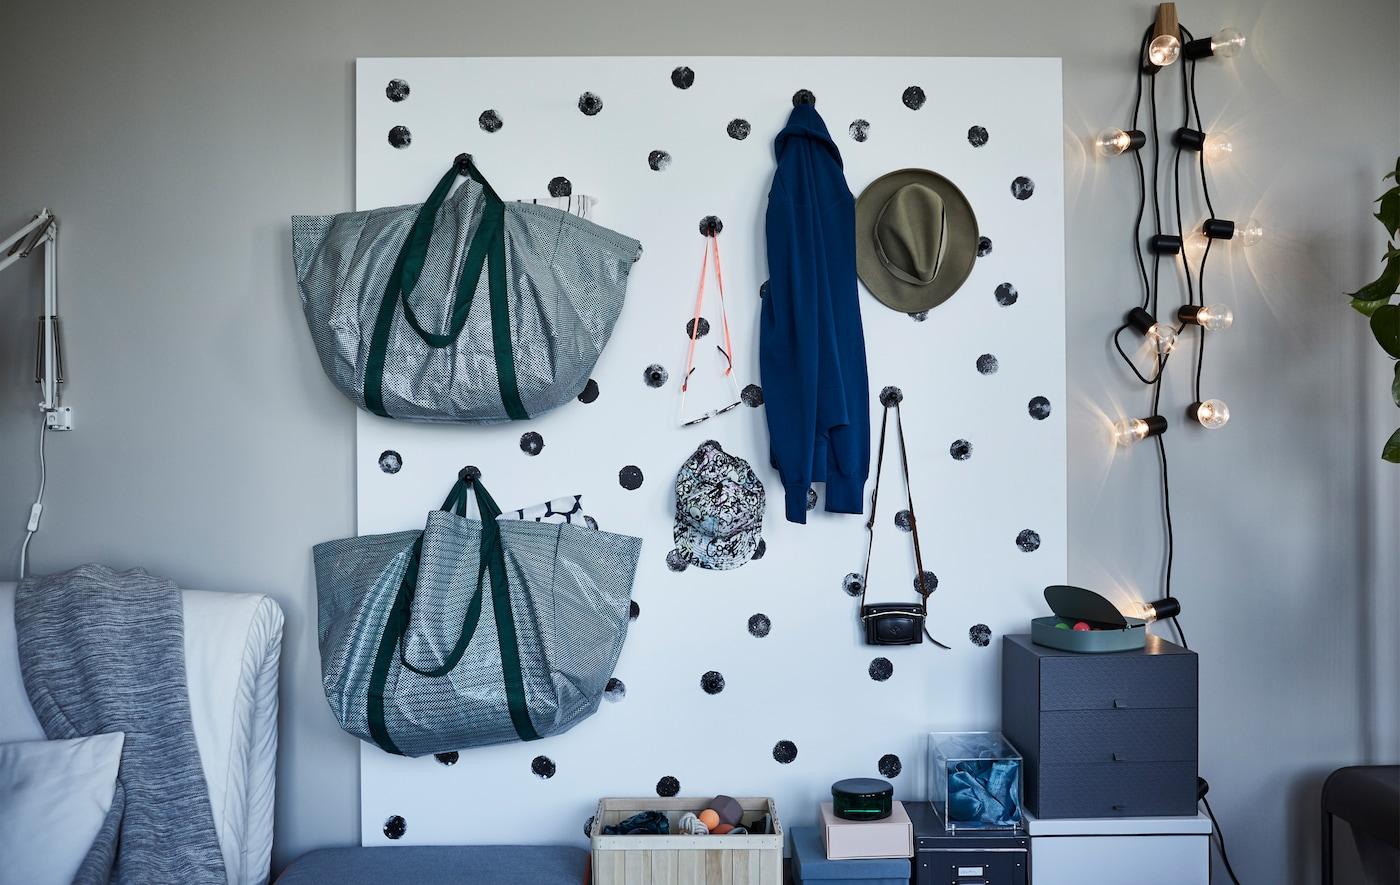 Que ce soit pour accrocher des vêtements ou ranger de la literie, un mur de rangement tombe toujours à pic dans un petit espace. Il ne vous faut que du bois, des crochets solides et de la peinture.